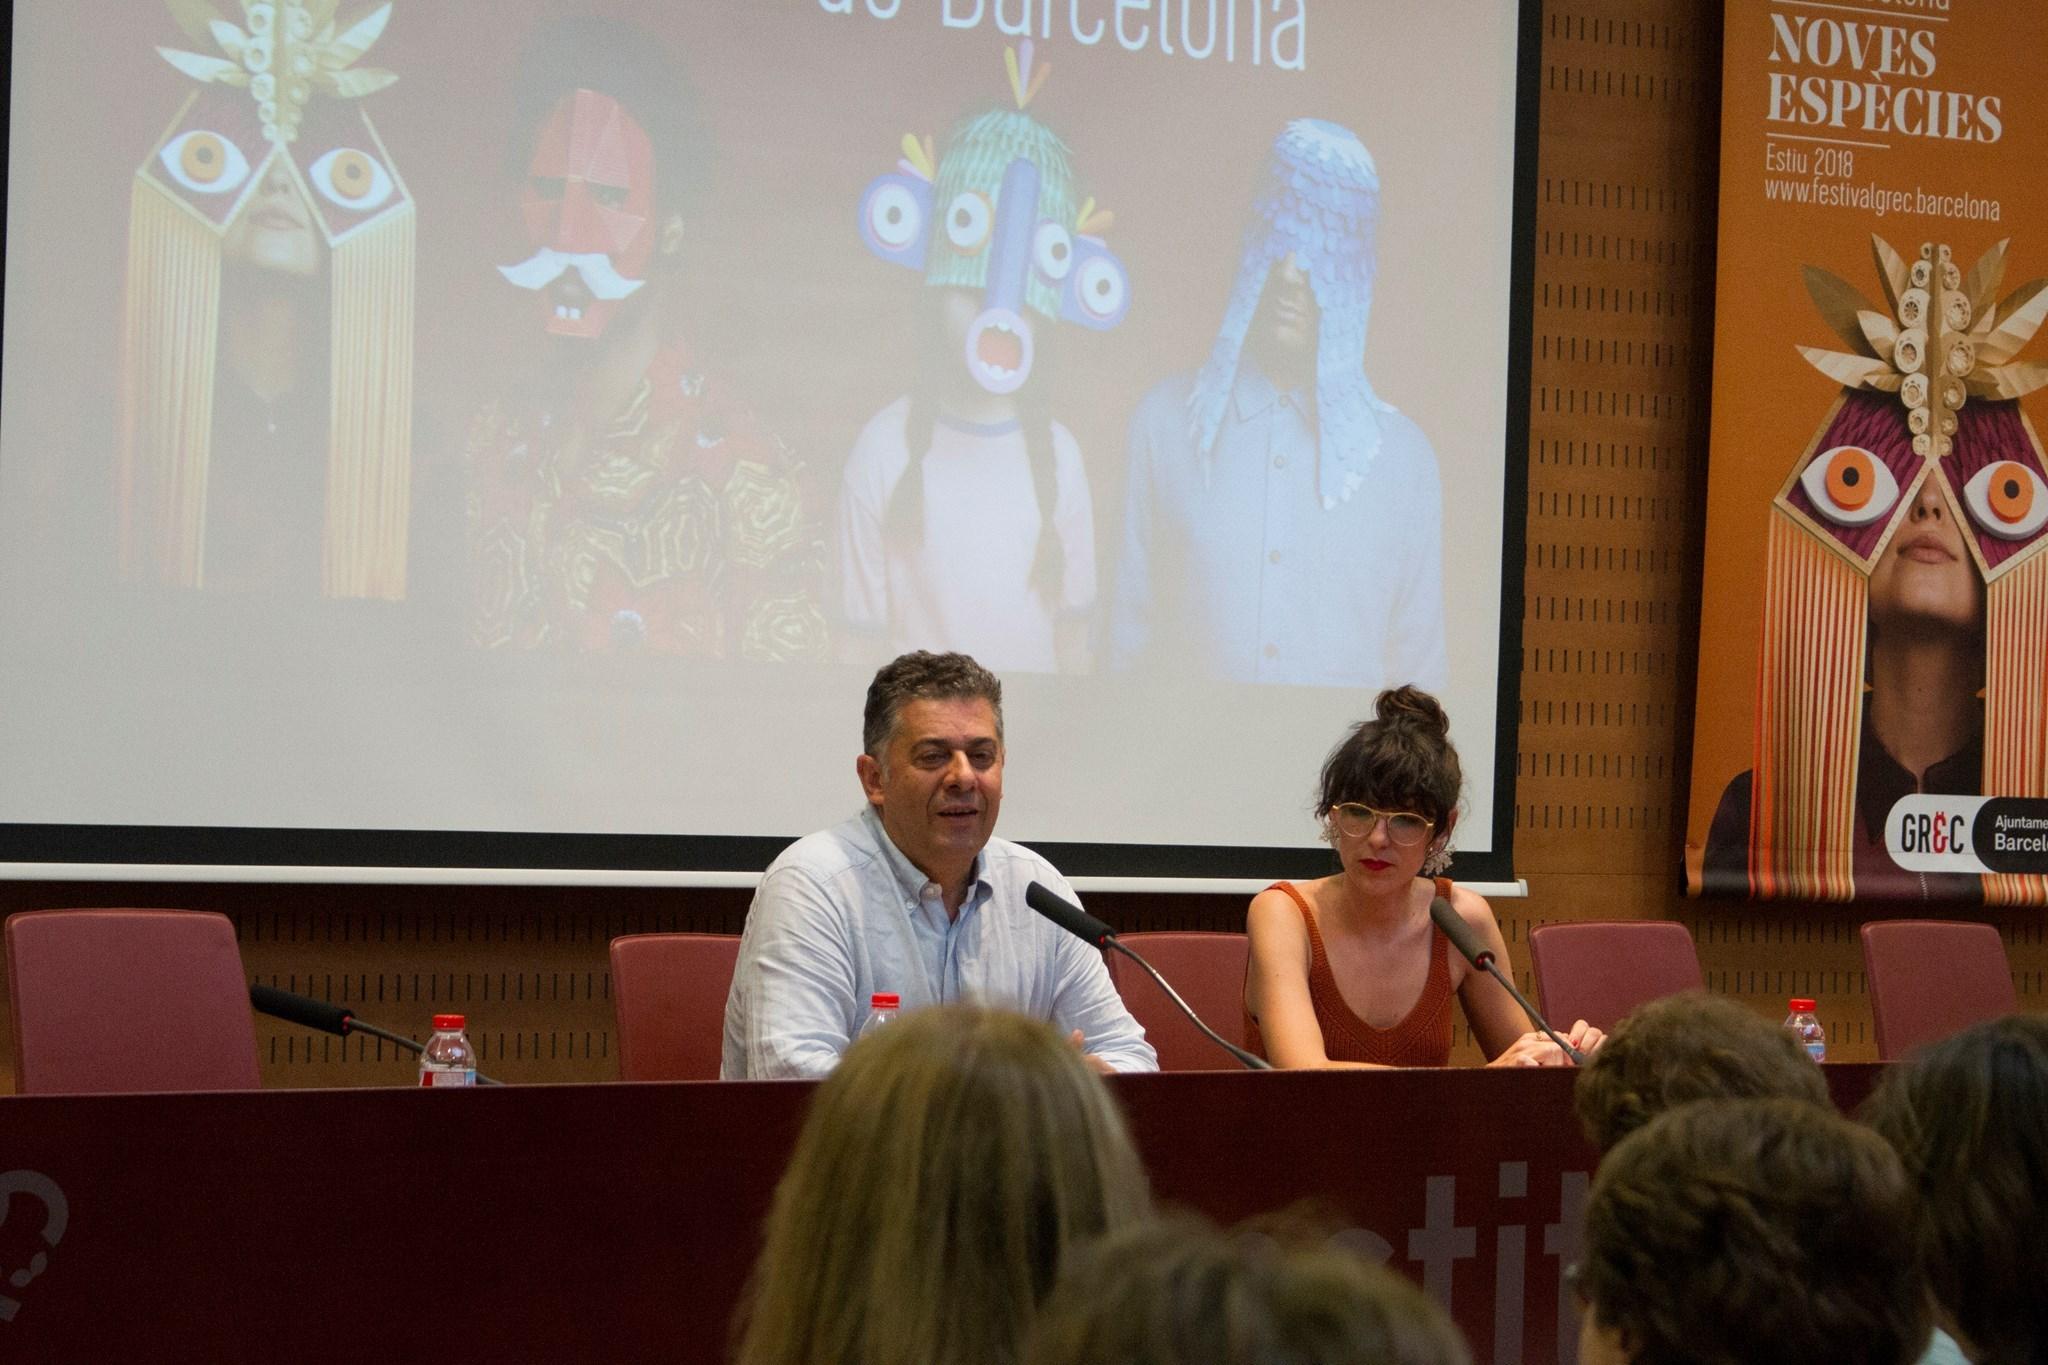 Trobada amb el director del festival Grec, Francesc Casadesús